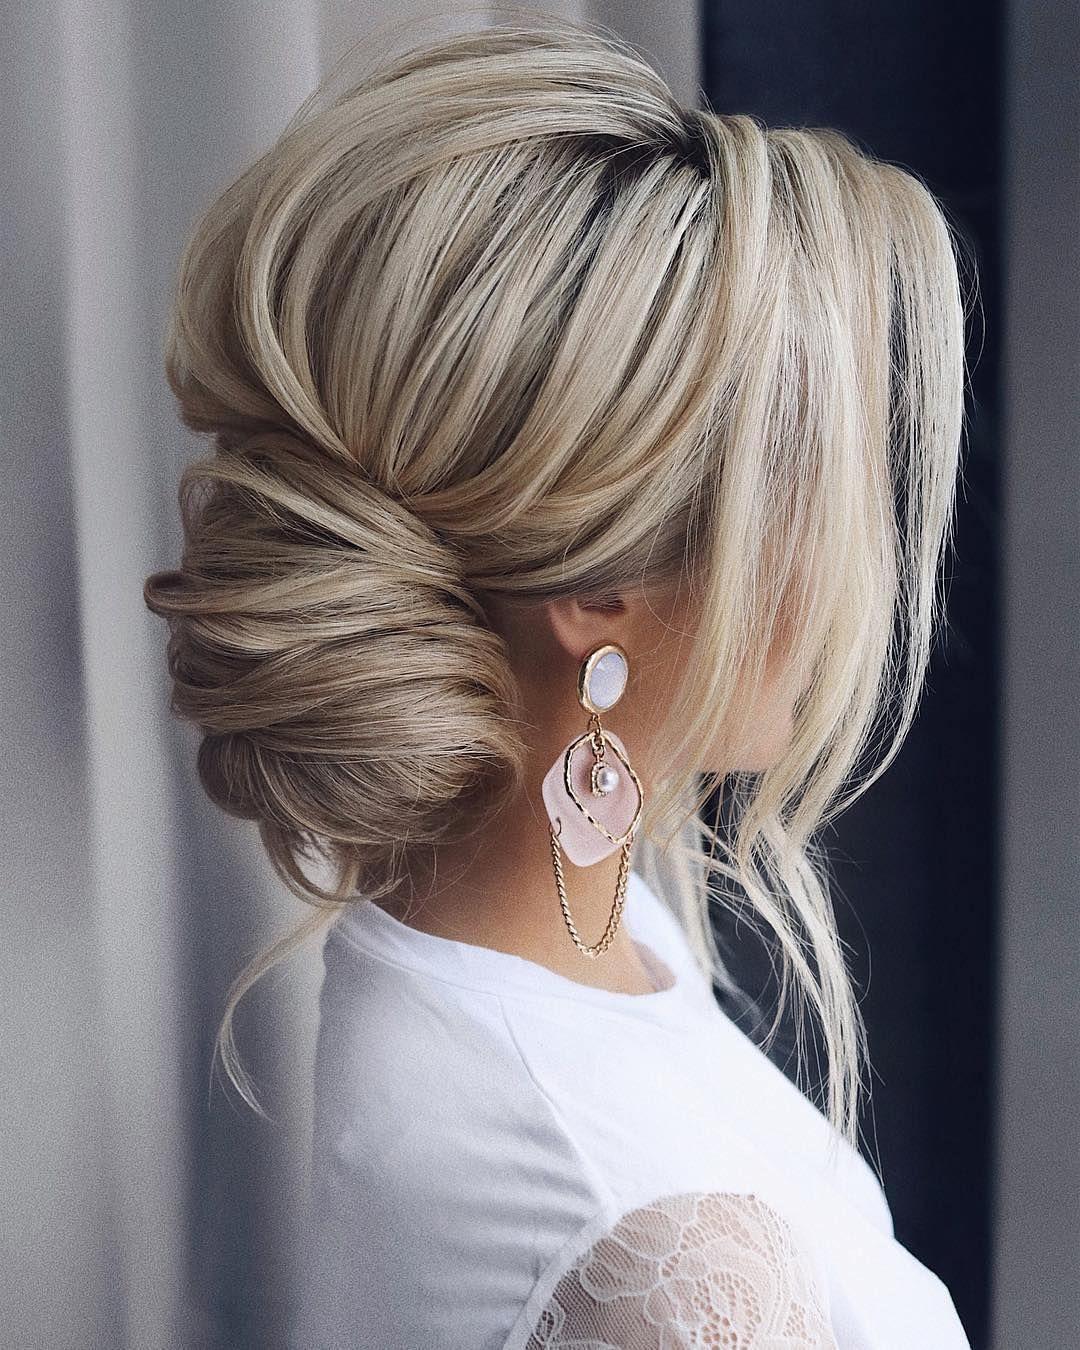 Peinado de novia fijado – 30 ideas maravillosas – caja de boda